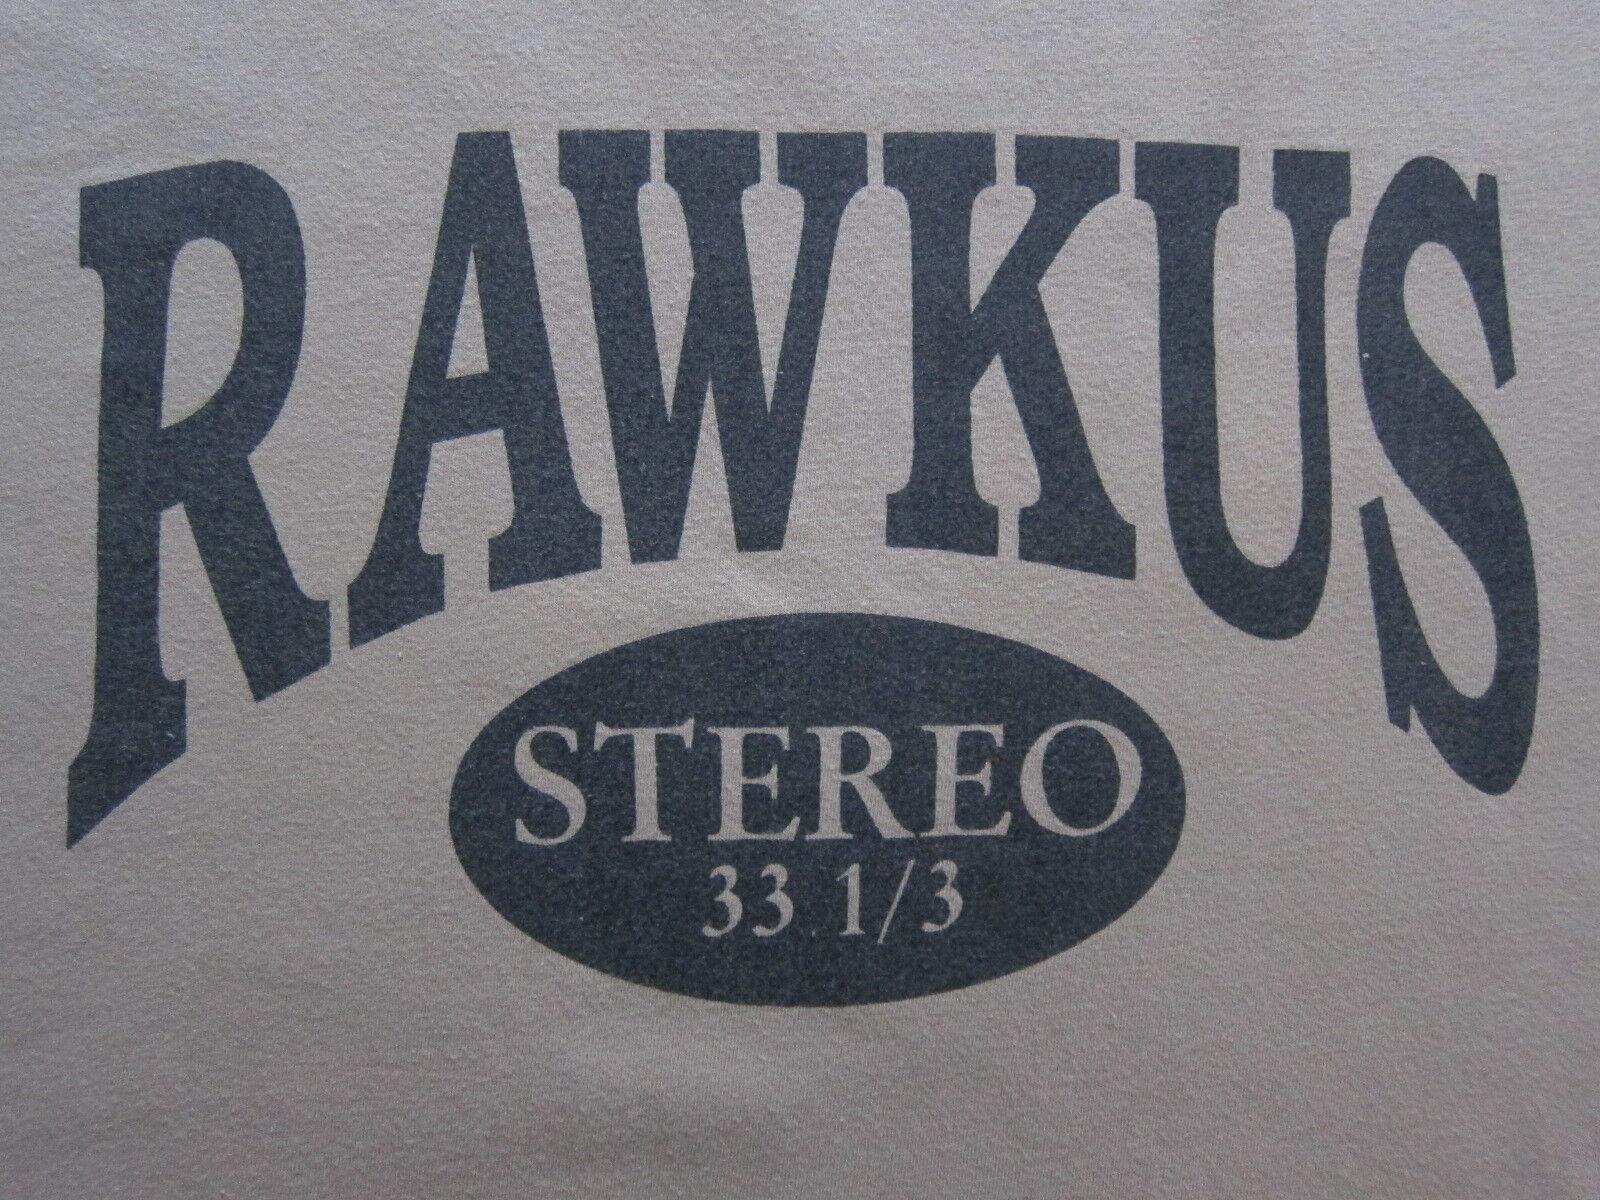 Vintage Rawkus Records t-shirt Mos Def Talib Kweli Hi-Tek rap hip hop 90's M